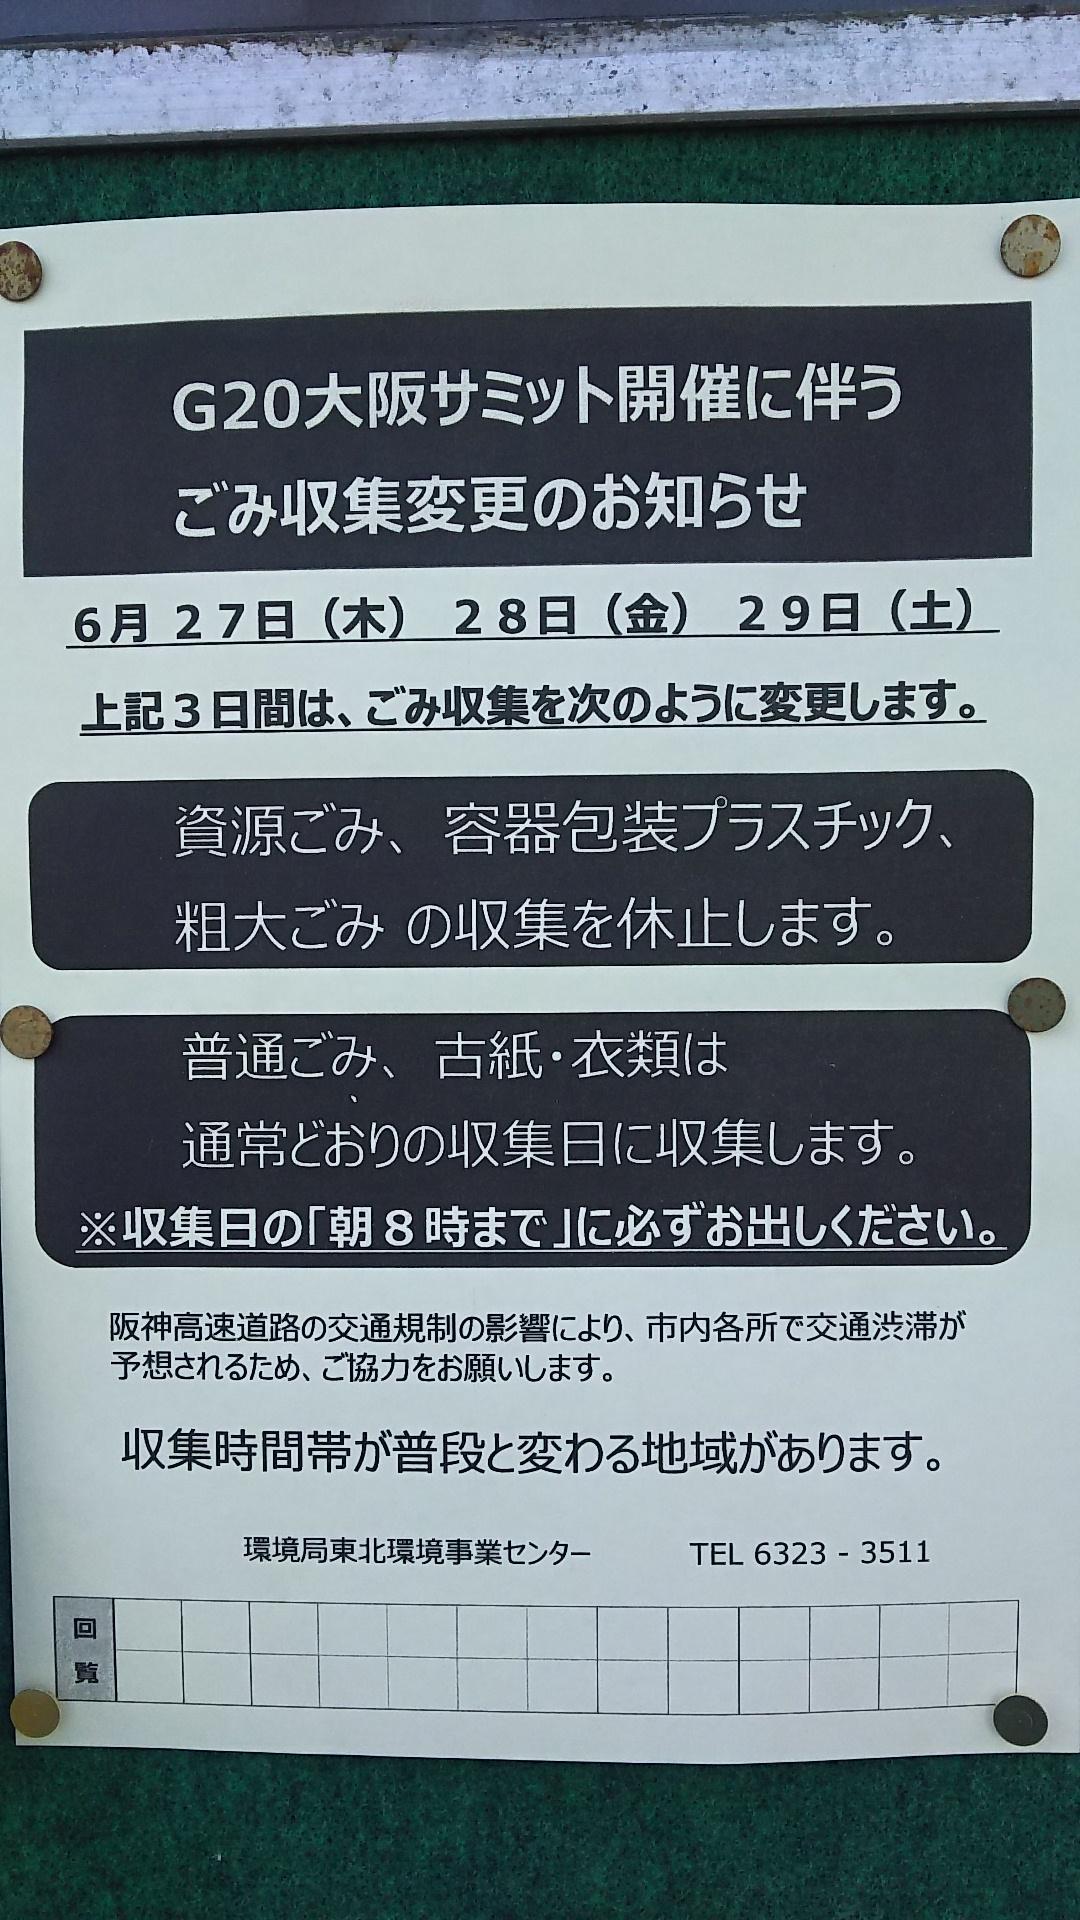 G20大阪サミット開催に伴う ごみ収集変更のお知らせ